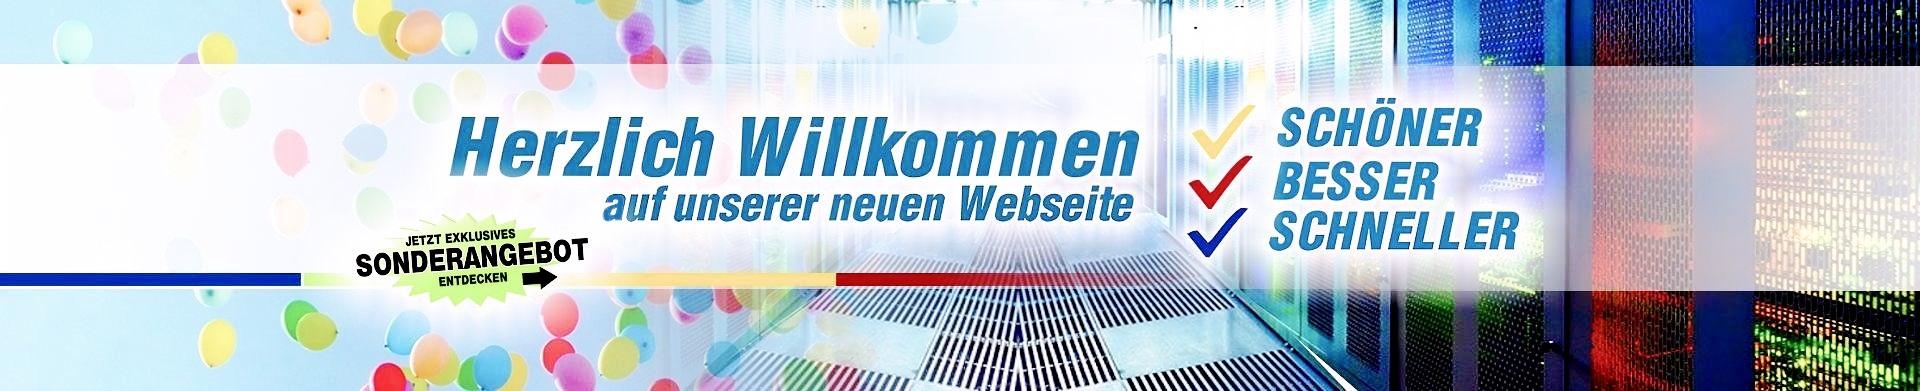 newwebsite2016-teaser2